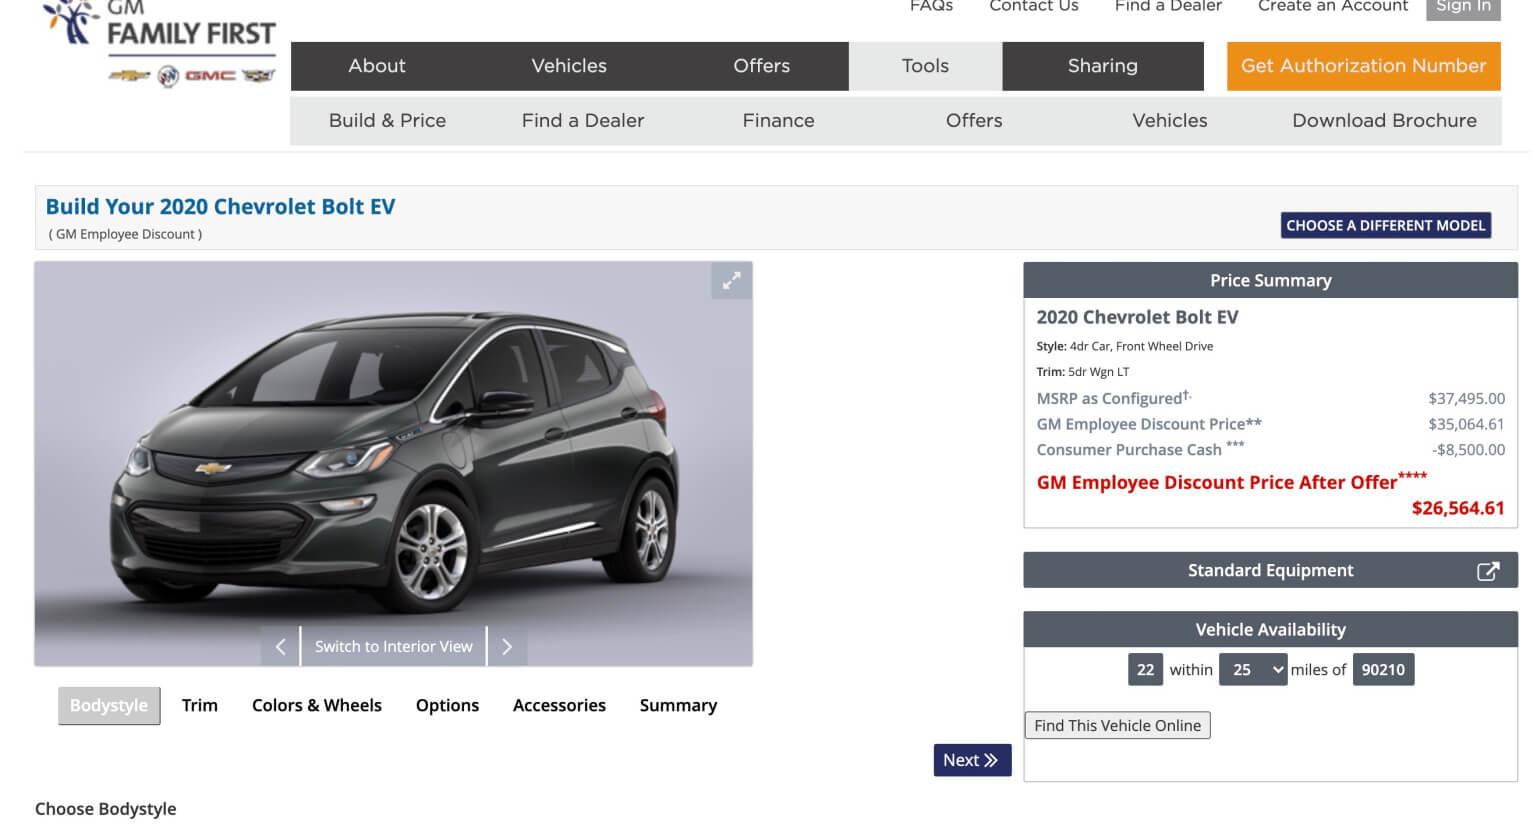 GM сотрудничает с Uber, чтобы помочь водителям покупать Chevrolet Bolt EV с большими скидками